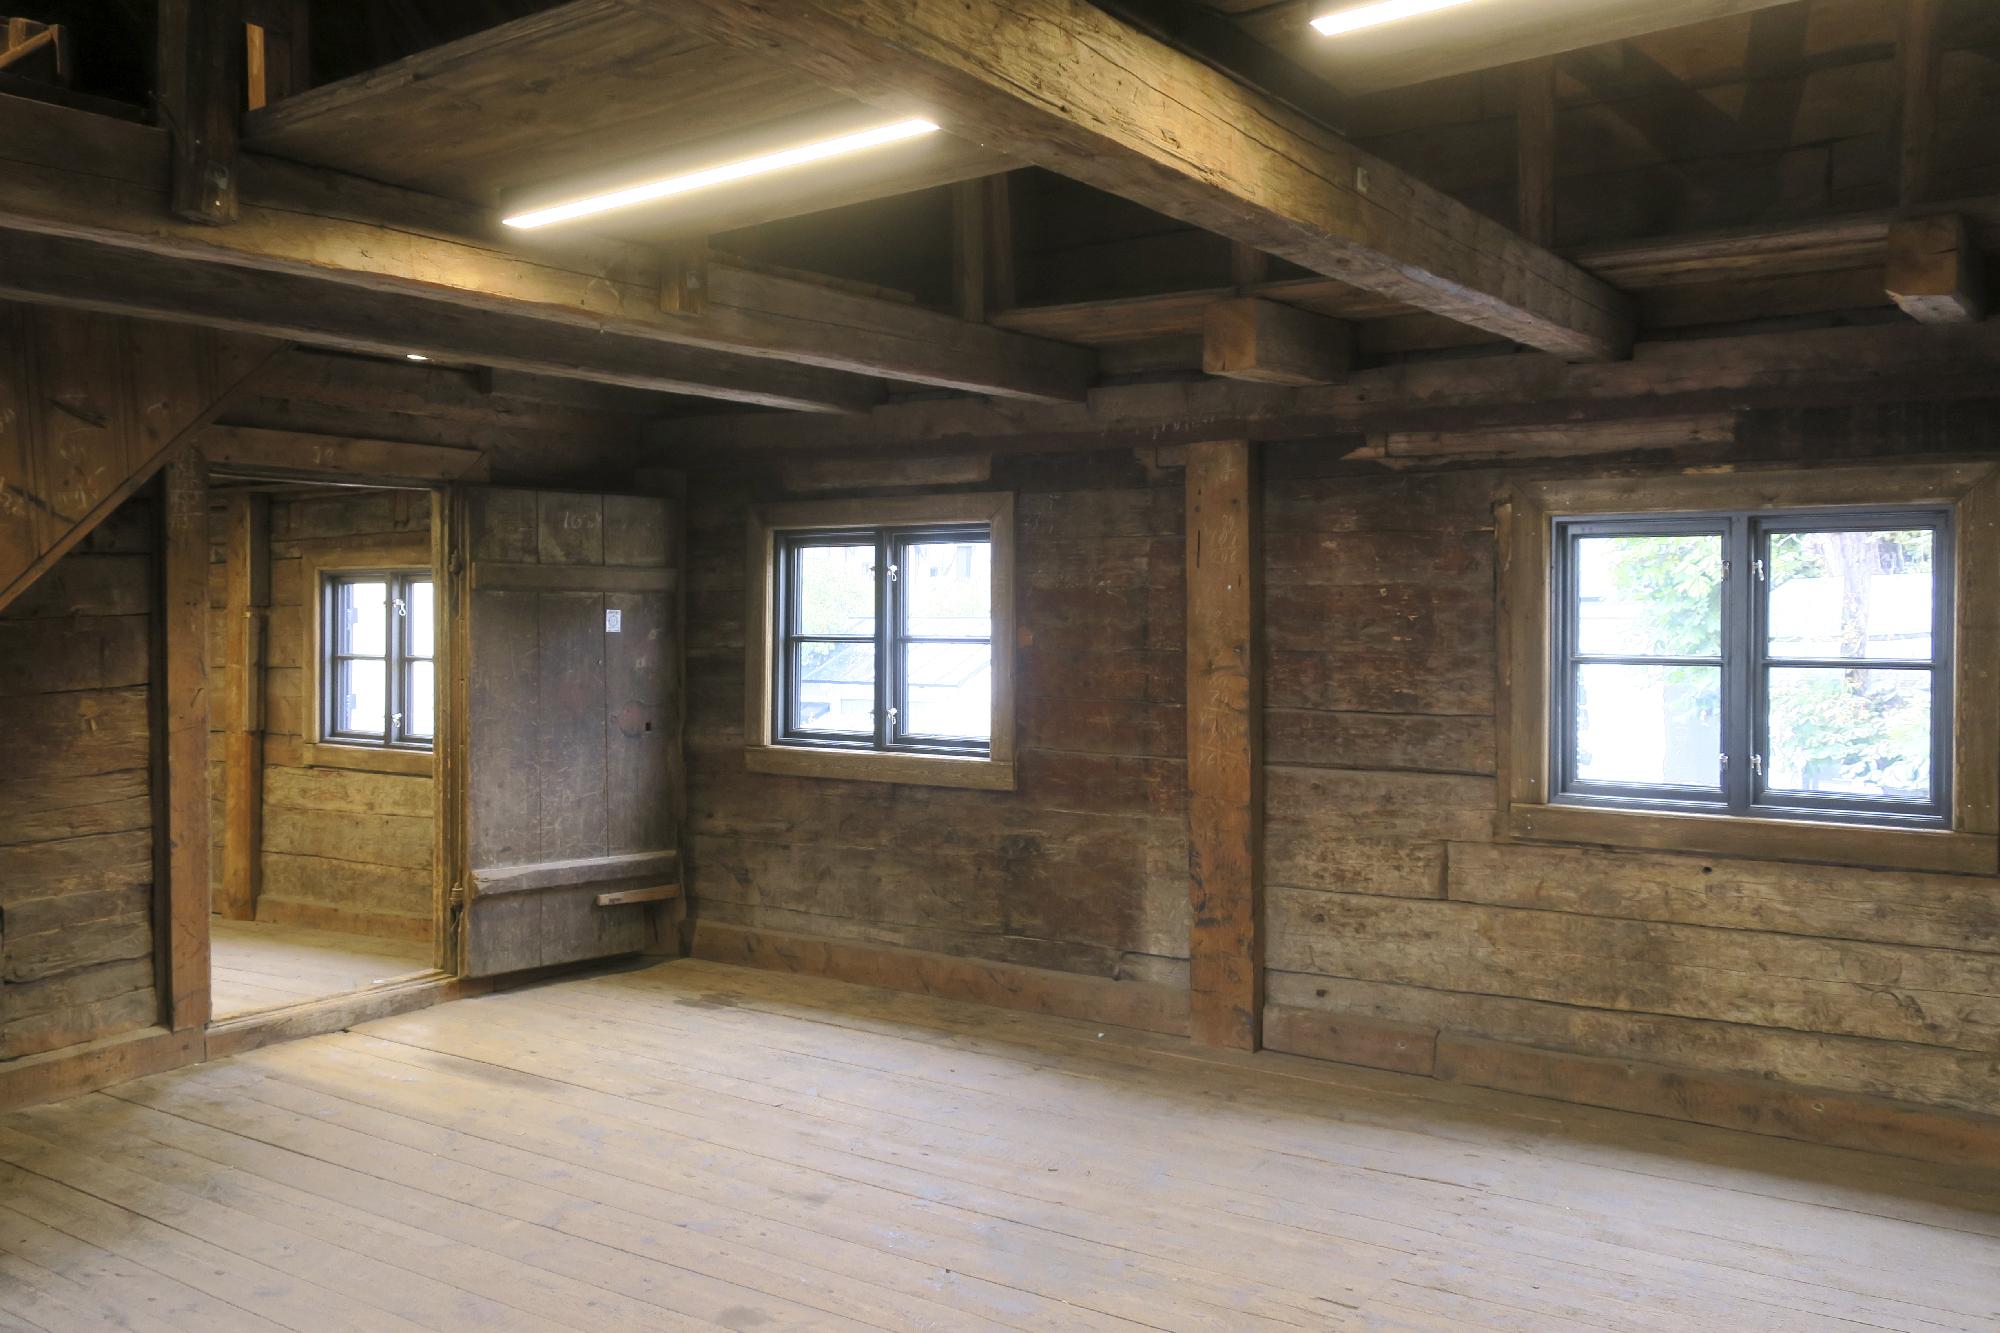 Andra våningen i det stående magasinet, här luktar det trä och tjära. Foto: Arkeologerna.